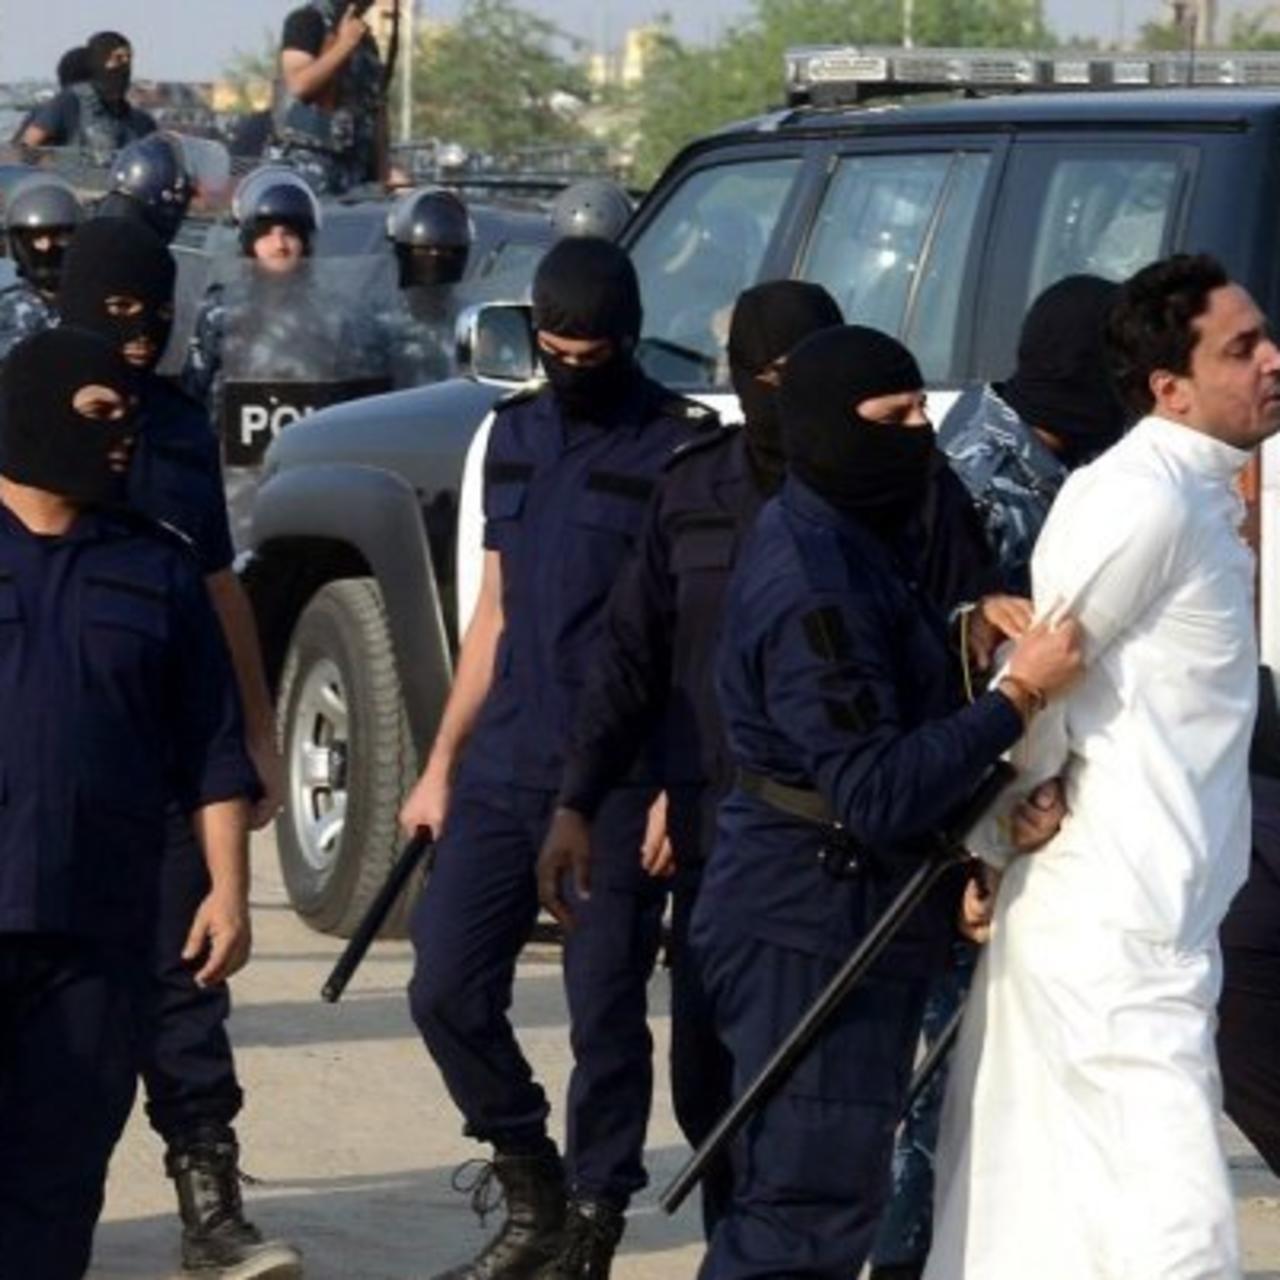 ضبط 10 إيرانيين تسللوا بحرا إلى الكويت